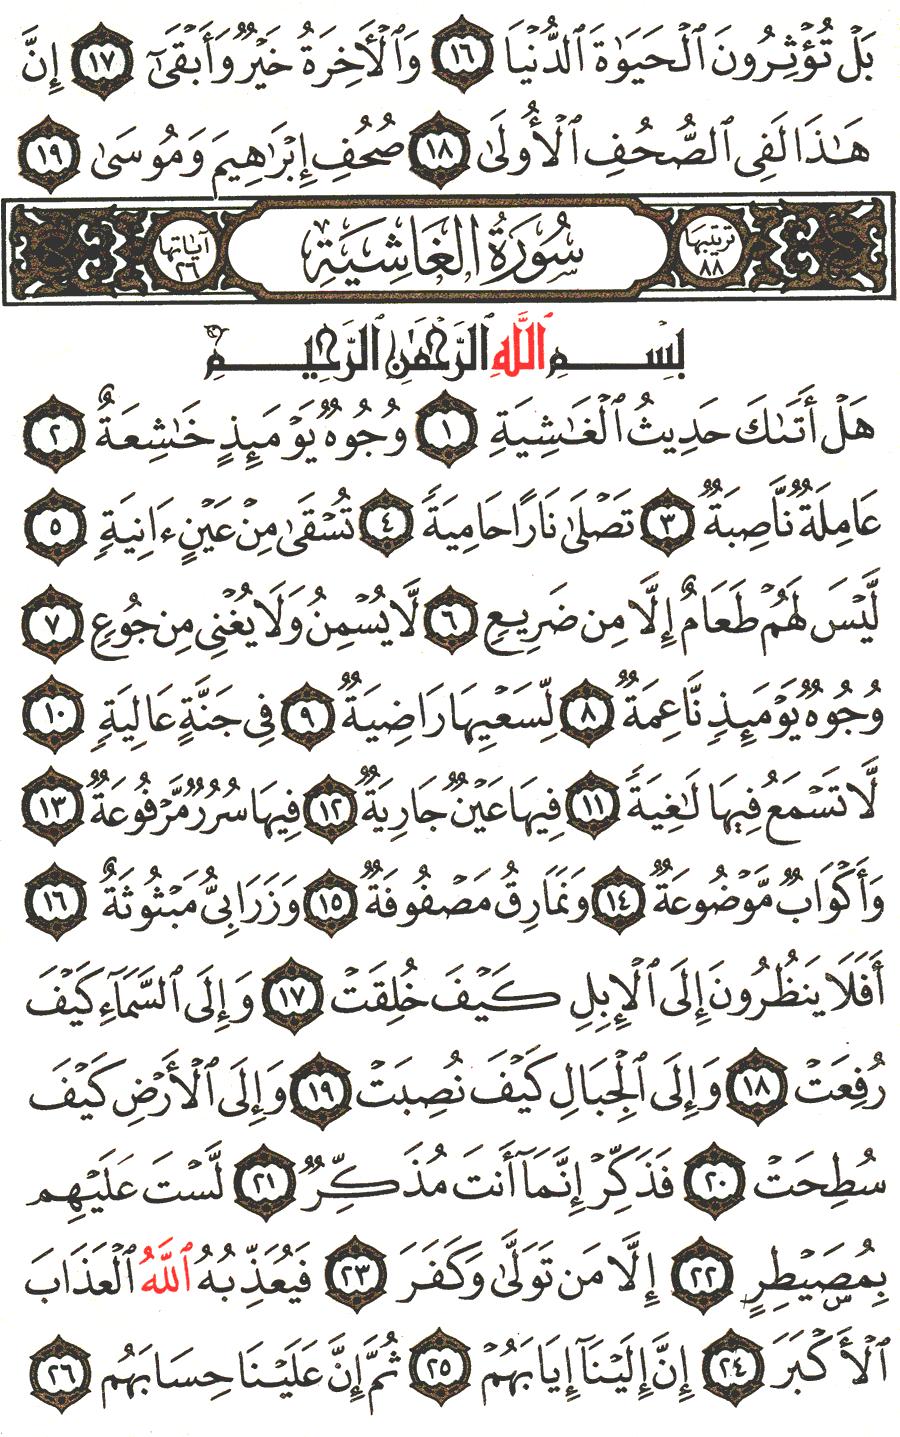 الصفحة رقم 592 من القرآن الكريم مكتوبة من المصحف